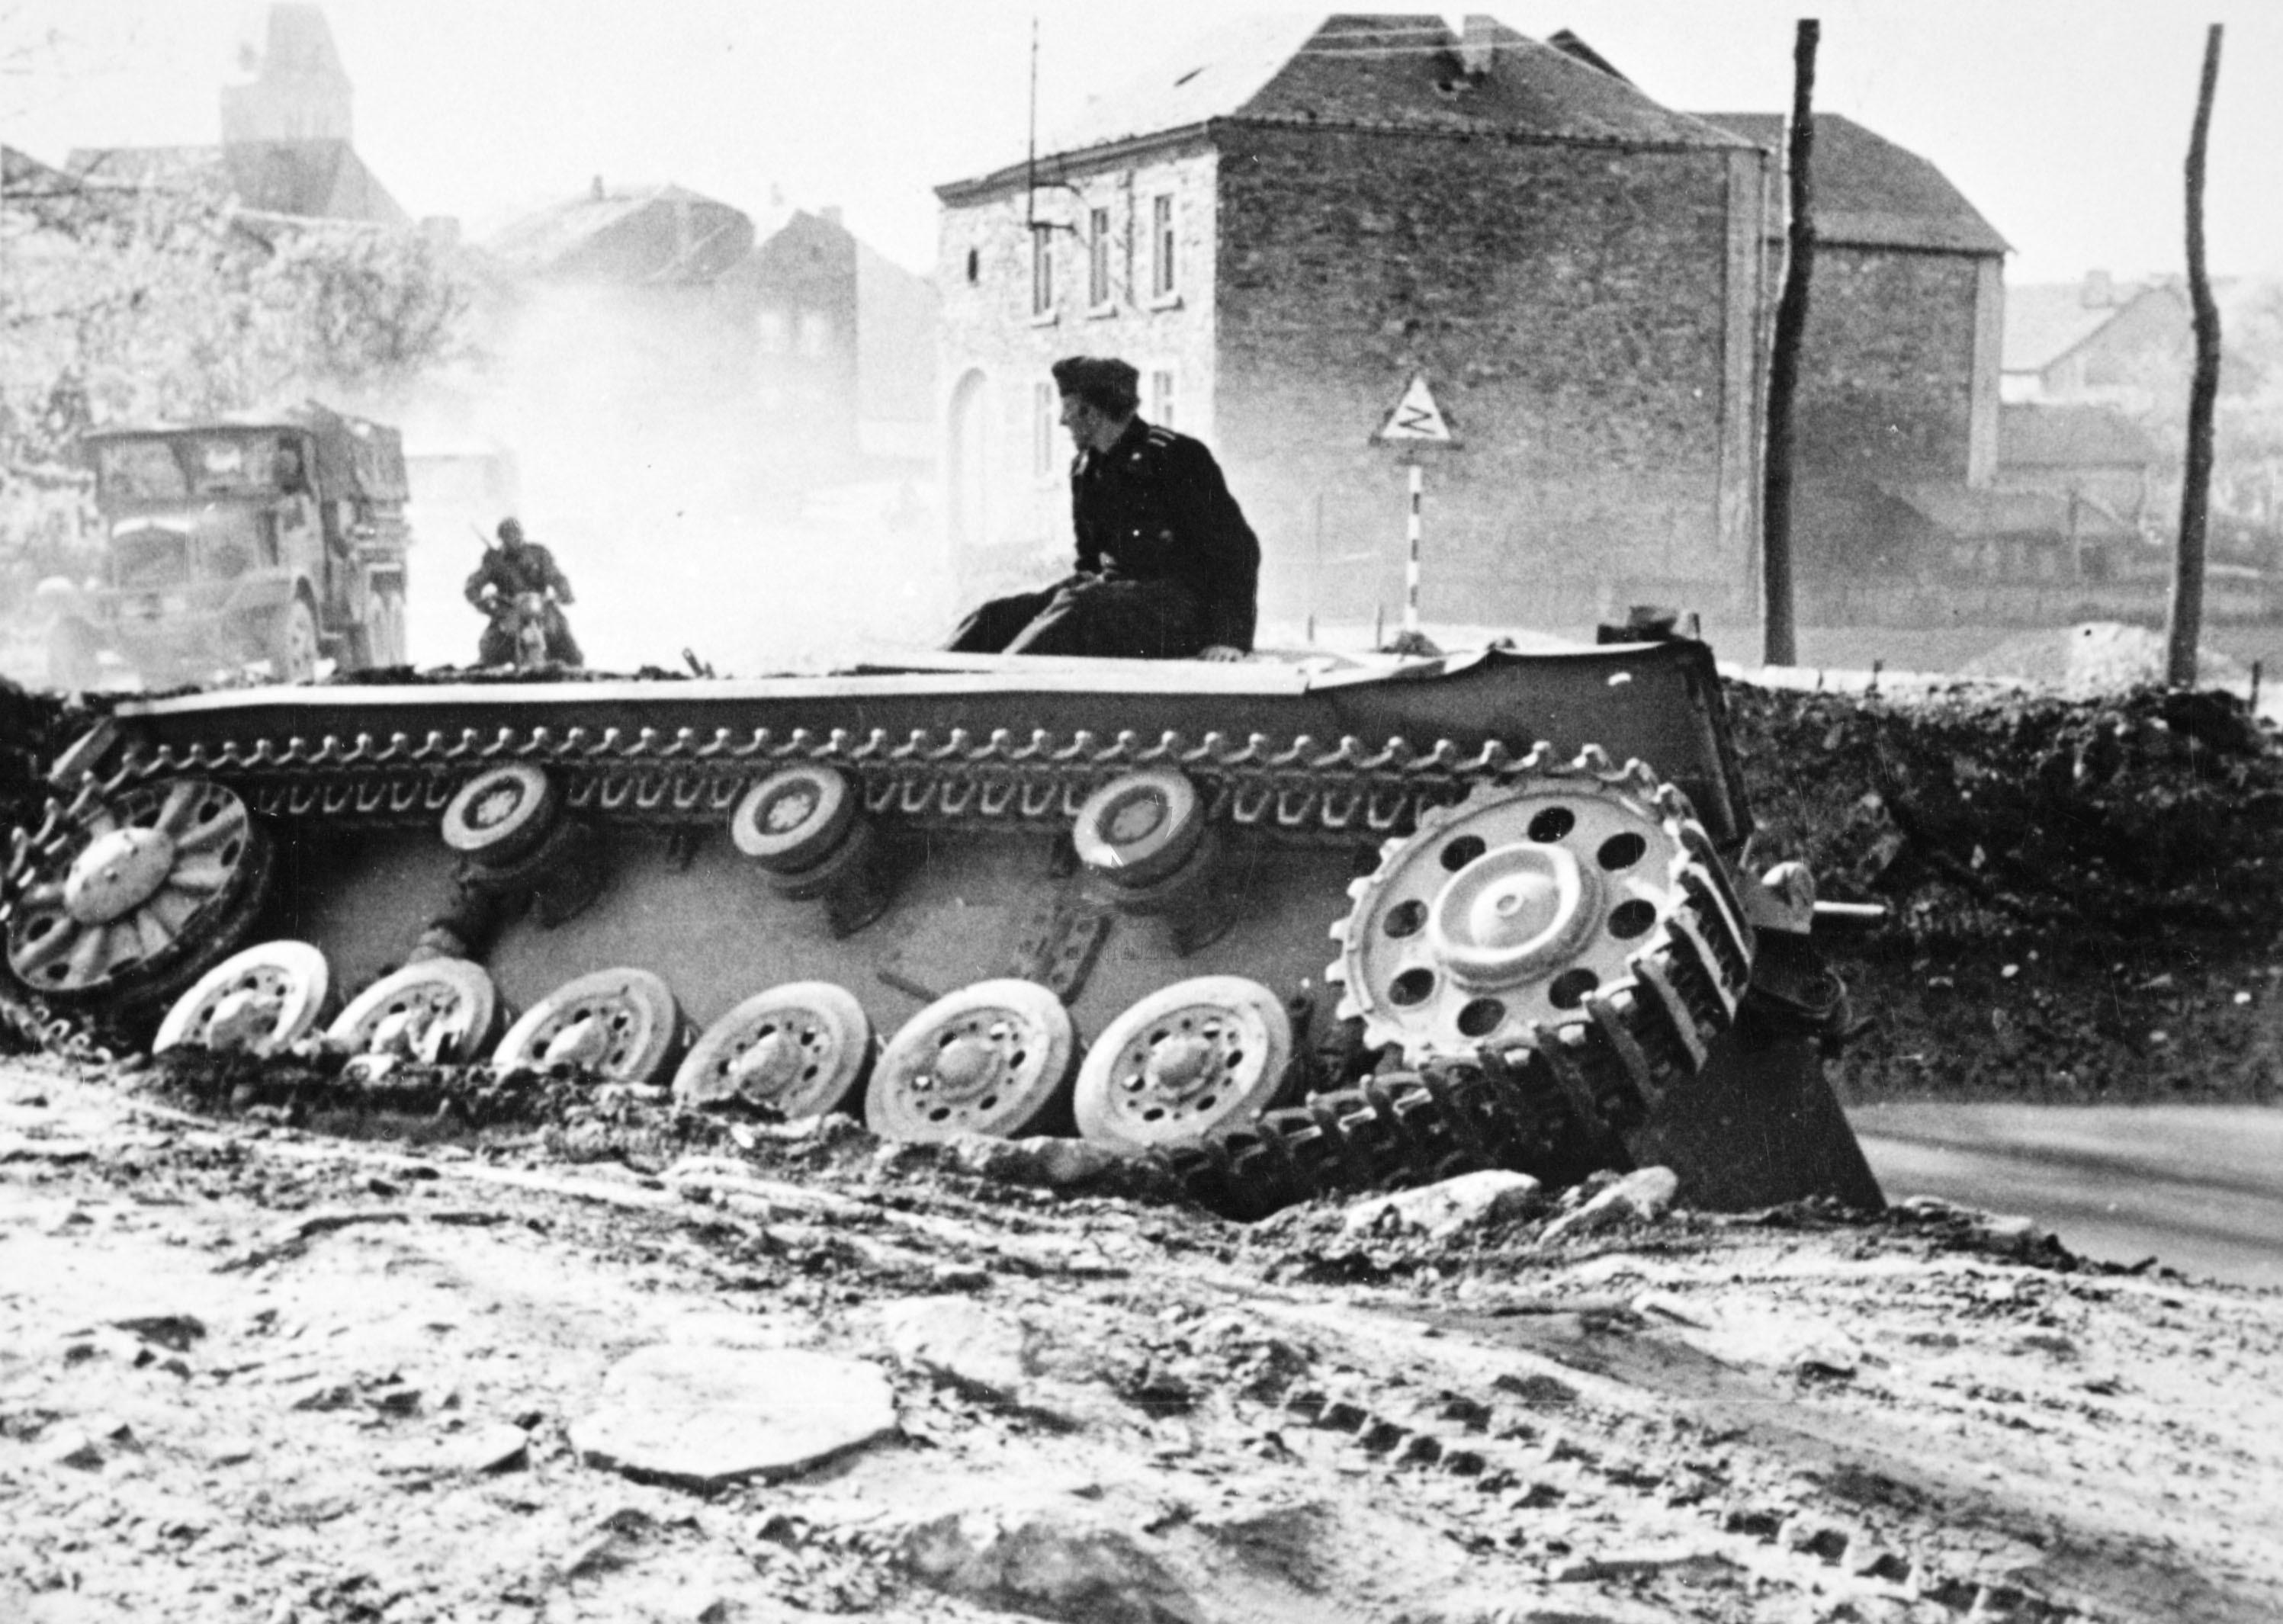 stuck-german-tank.jpg